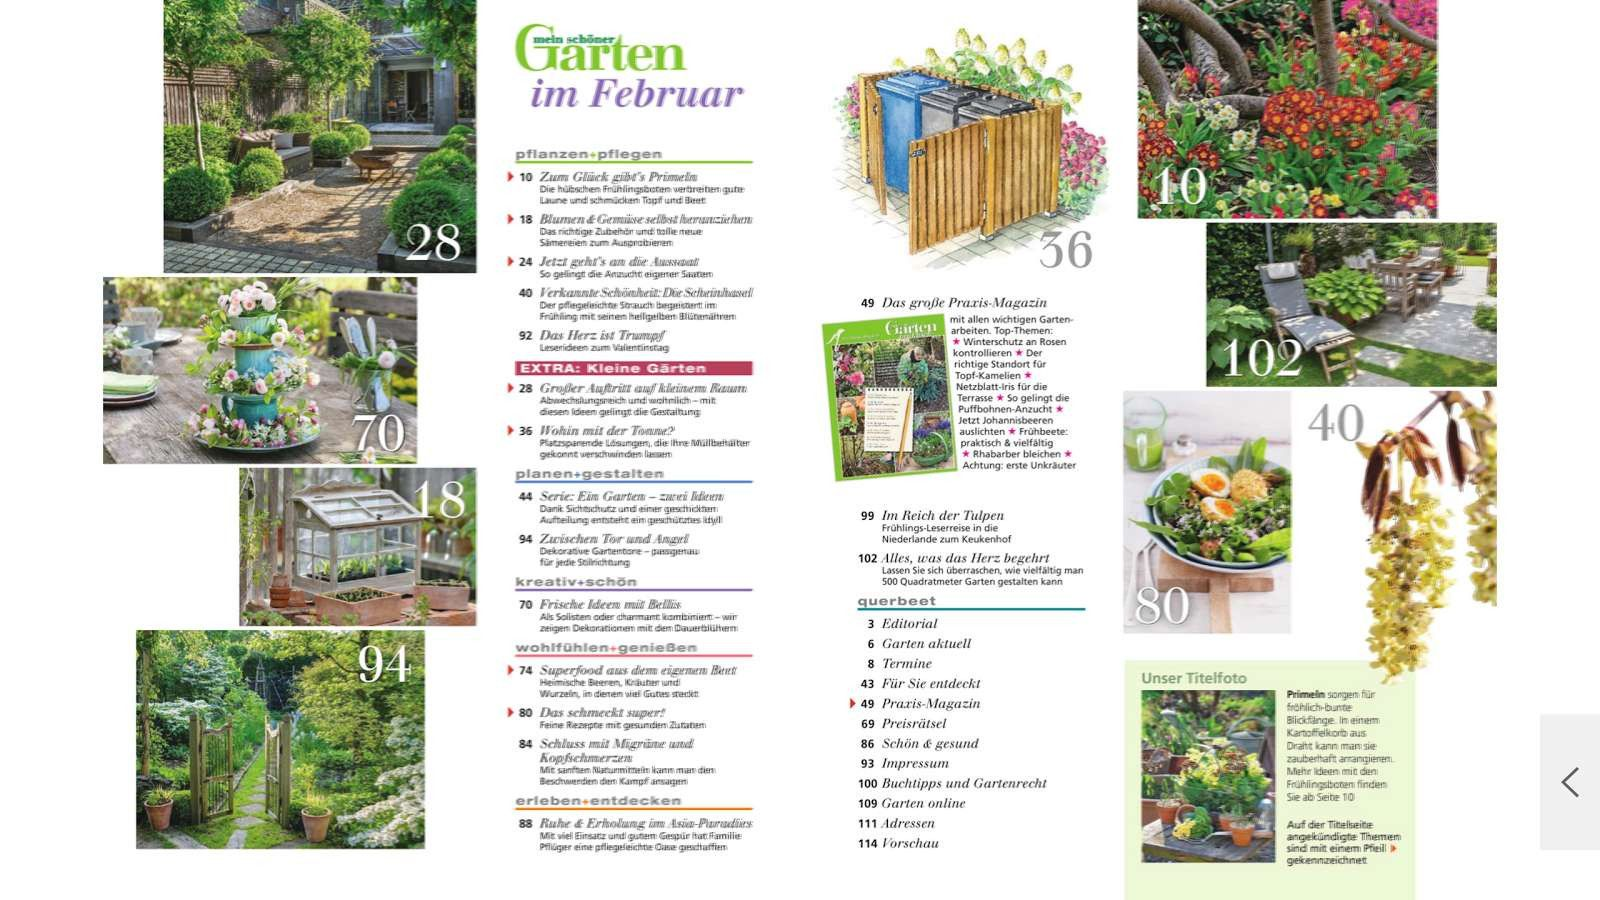 Ideen 42 Für Kaiser Garten Troisdorf Garden Ideas Garden